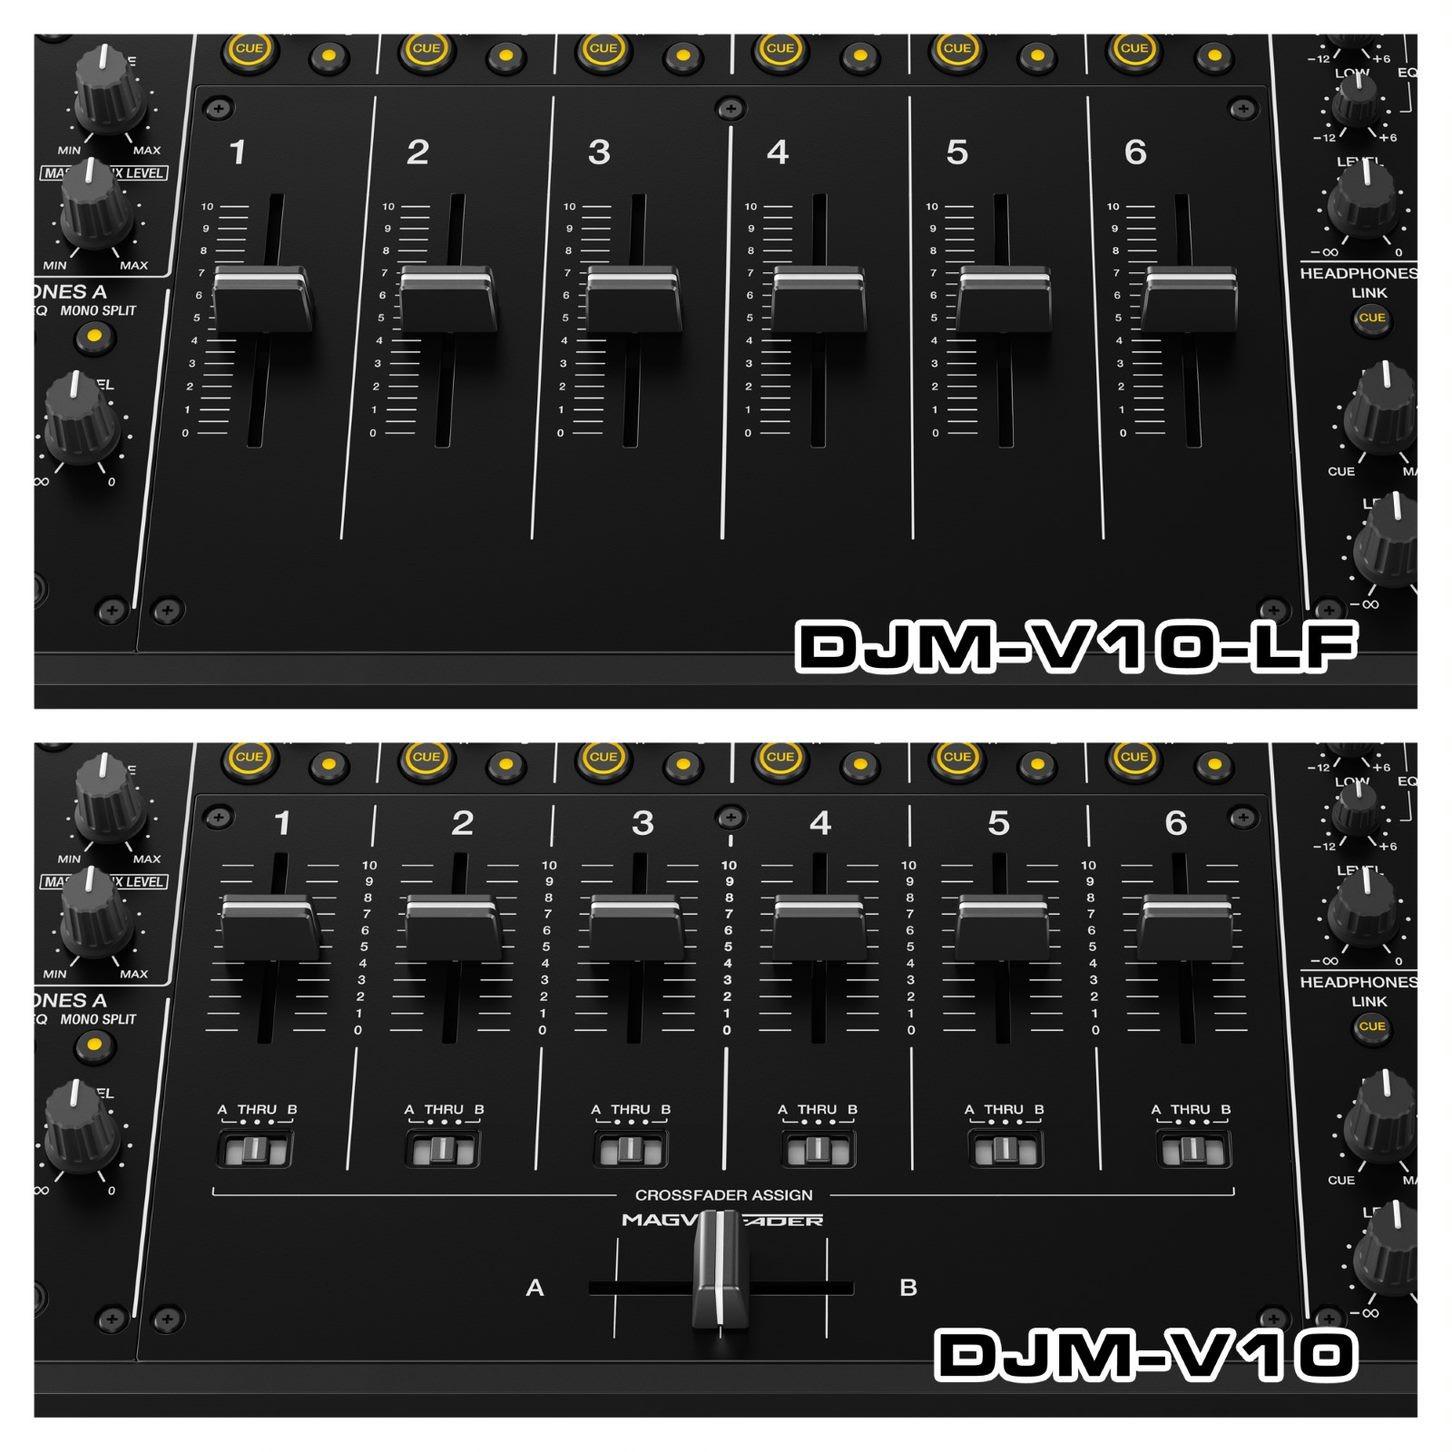 DJM-V10 and DJM-V10-LF